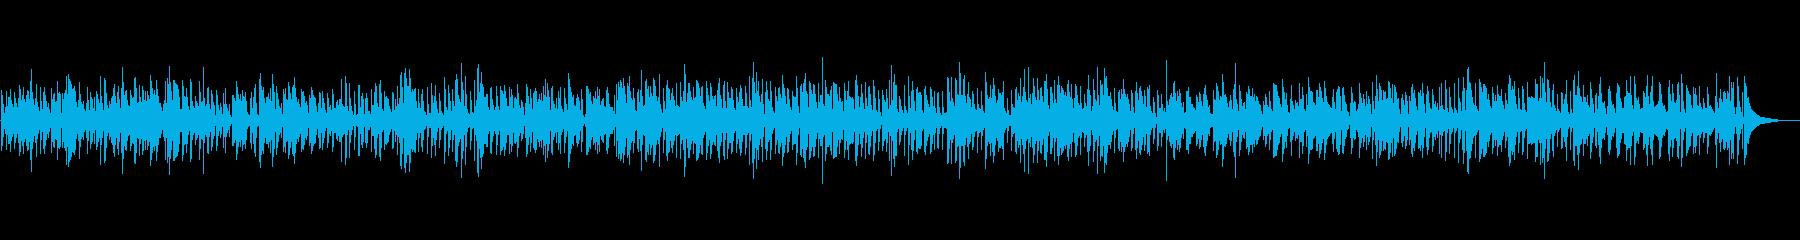 まったりとしたジャズバラードの再生済みの波形